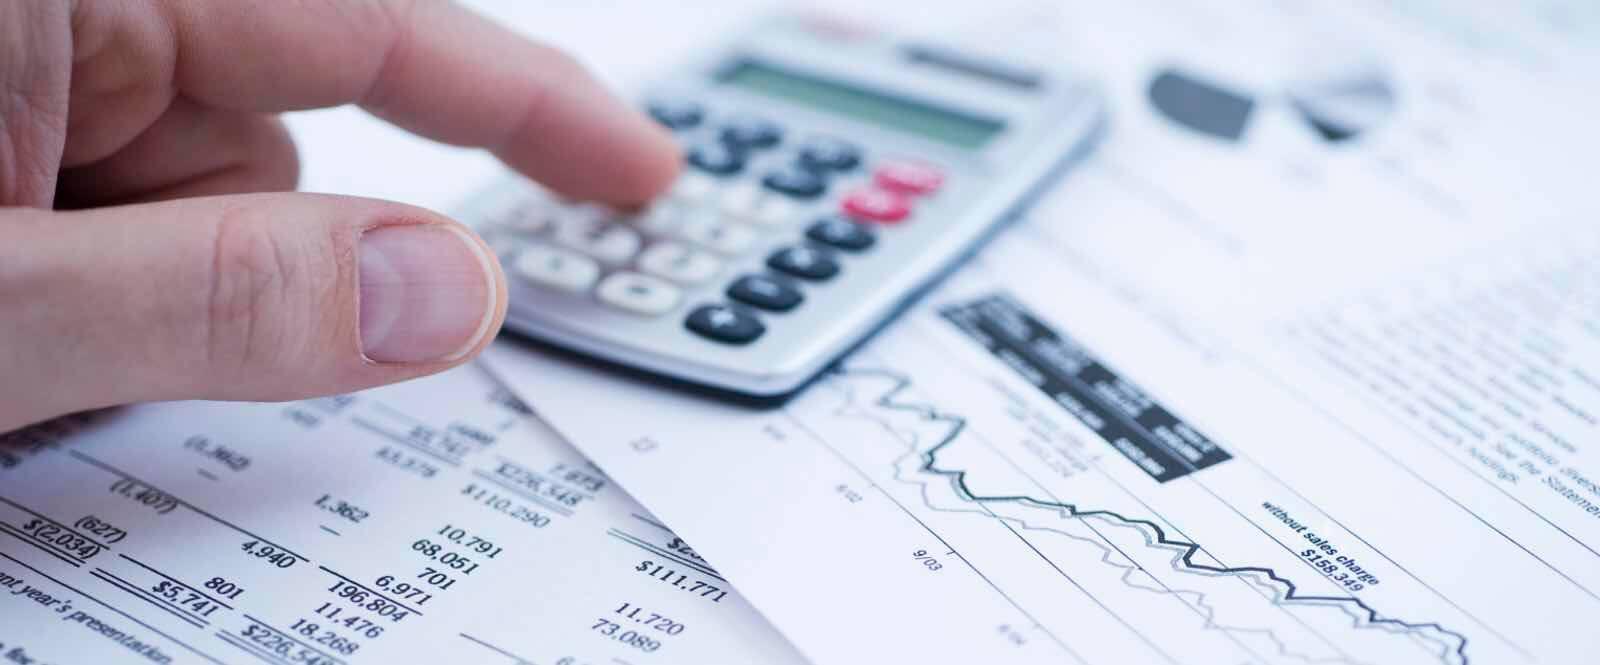 Manfaat Mengatur Keuangan Yang Baik